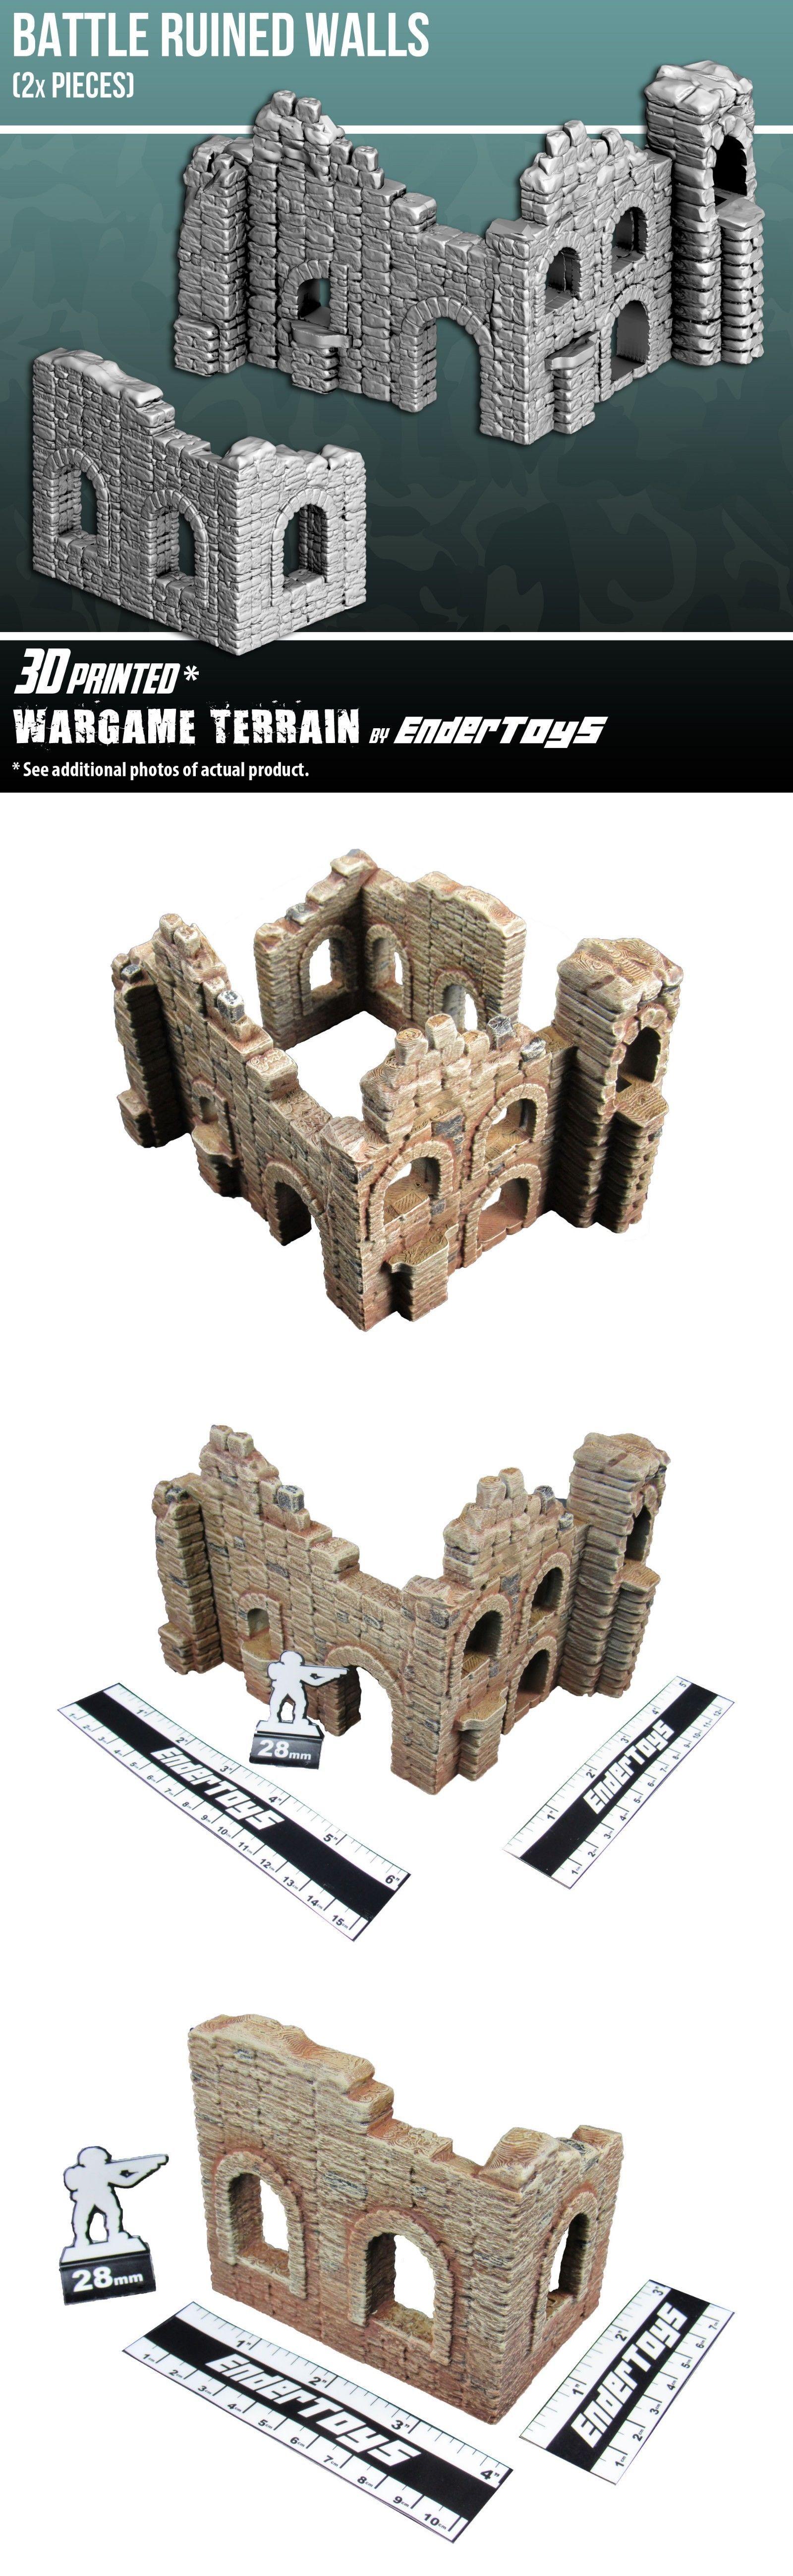 40K Terrain and Scenery 152940: Battle Ruined Walls, Terrain